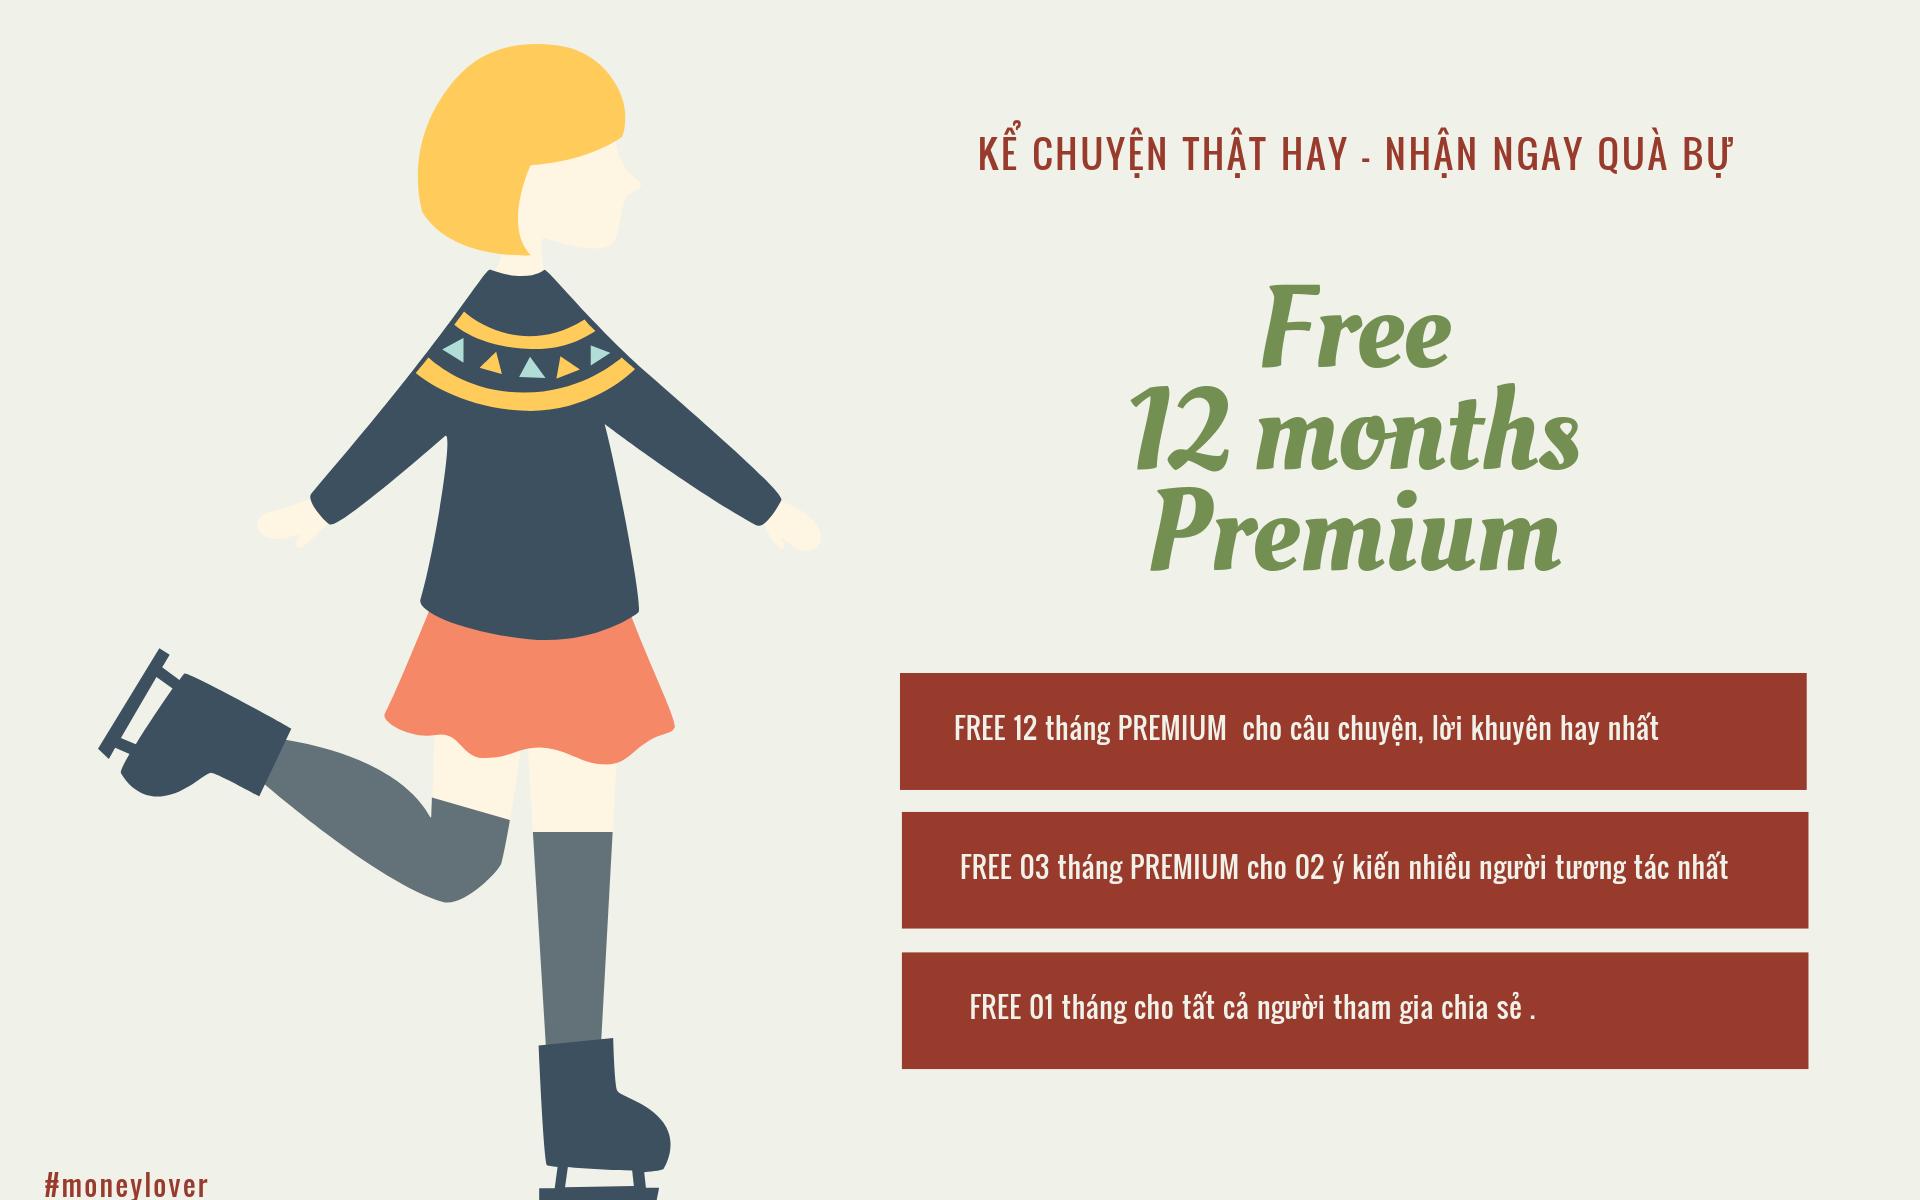 Money lover tặng 12 tháng sử dụng Premiem chương trình tiết kiệm hay trải nghiệm